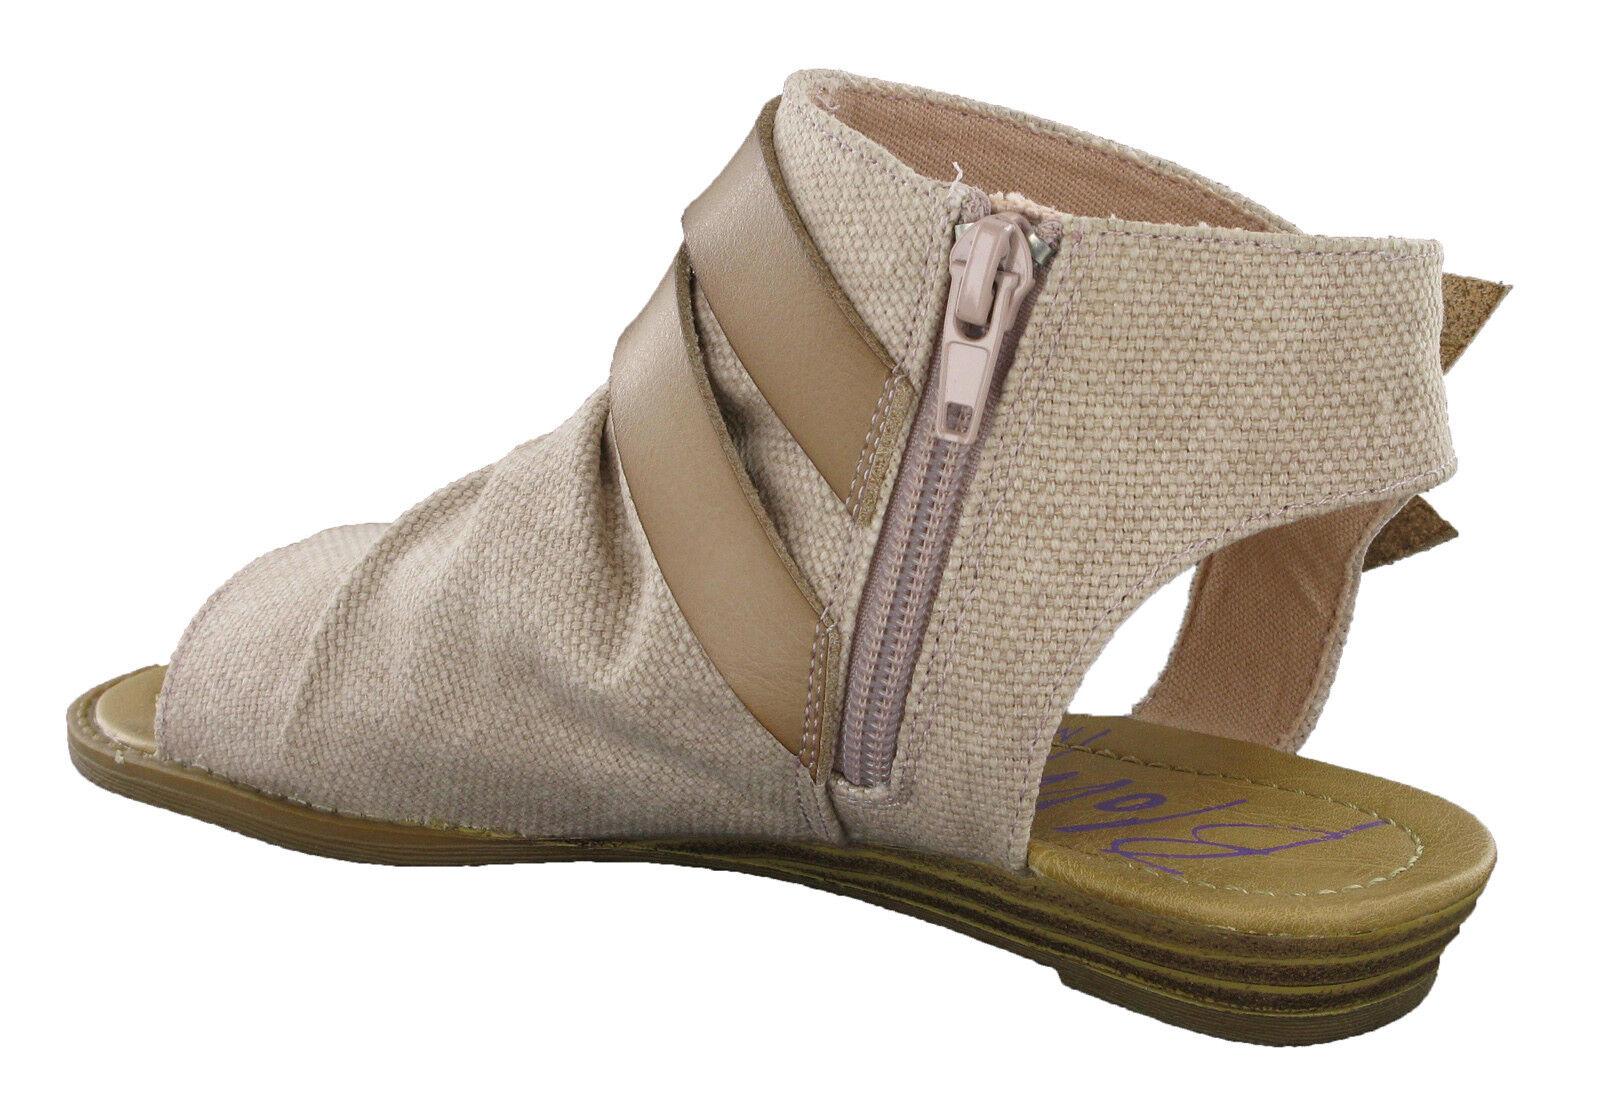 Blowfish Balla Flats Sandalias de Moda de Mujer Mujer Mujer Punta Abierta Casual Zapatos De Las Señoras De Cremallera c62733